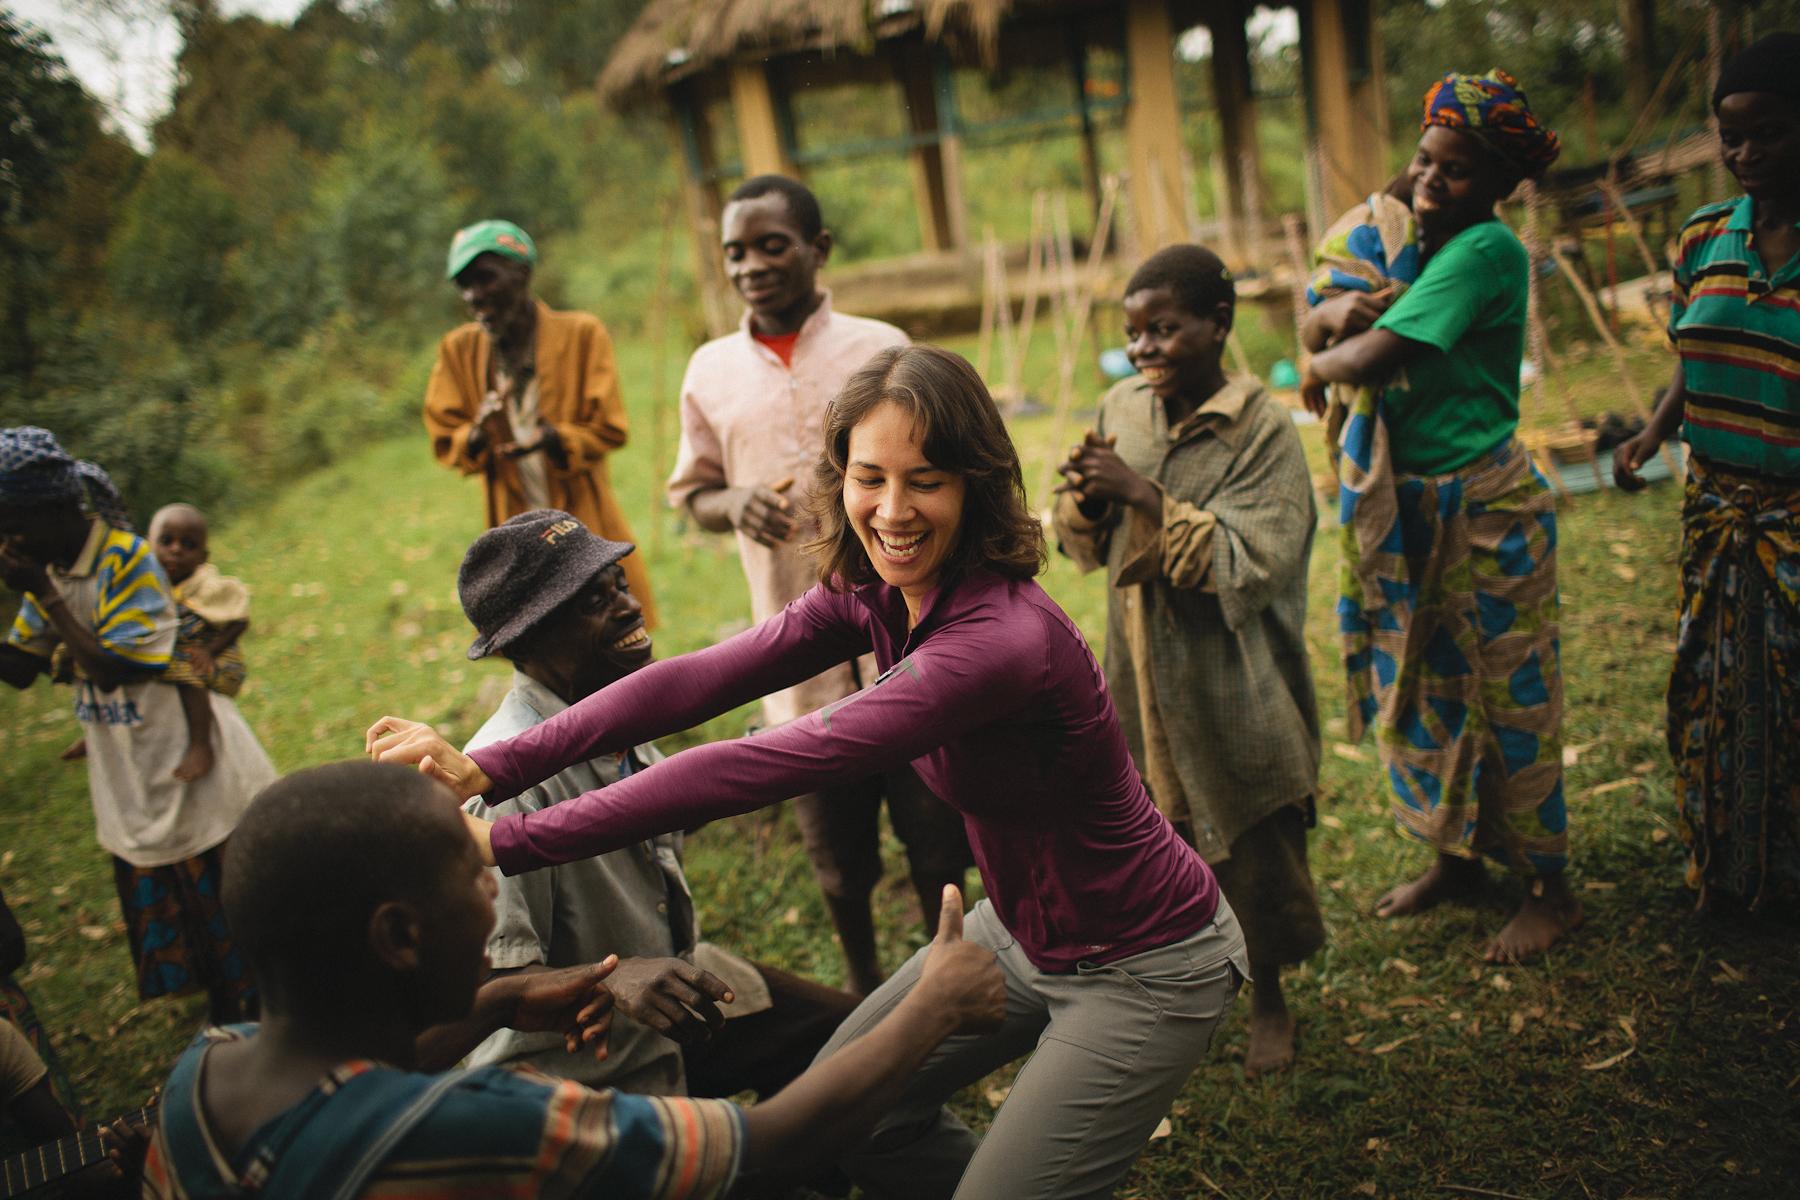 Pygmy People Of Africa The Herbal Ninja